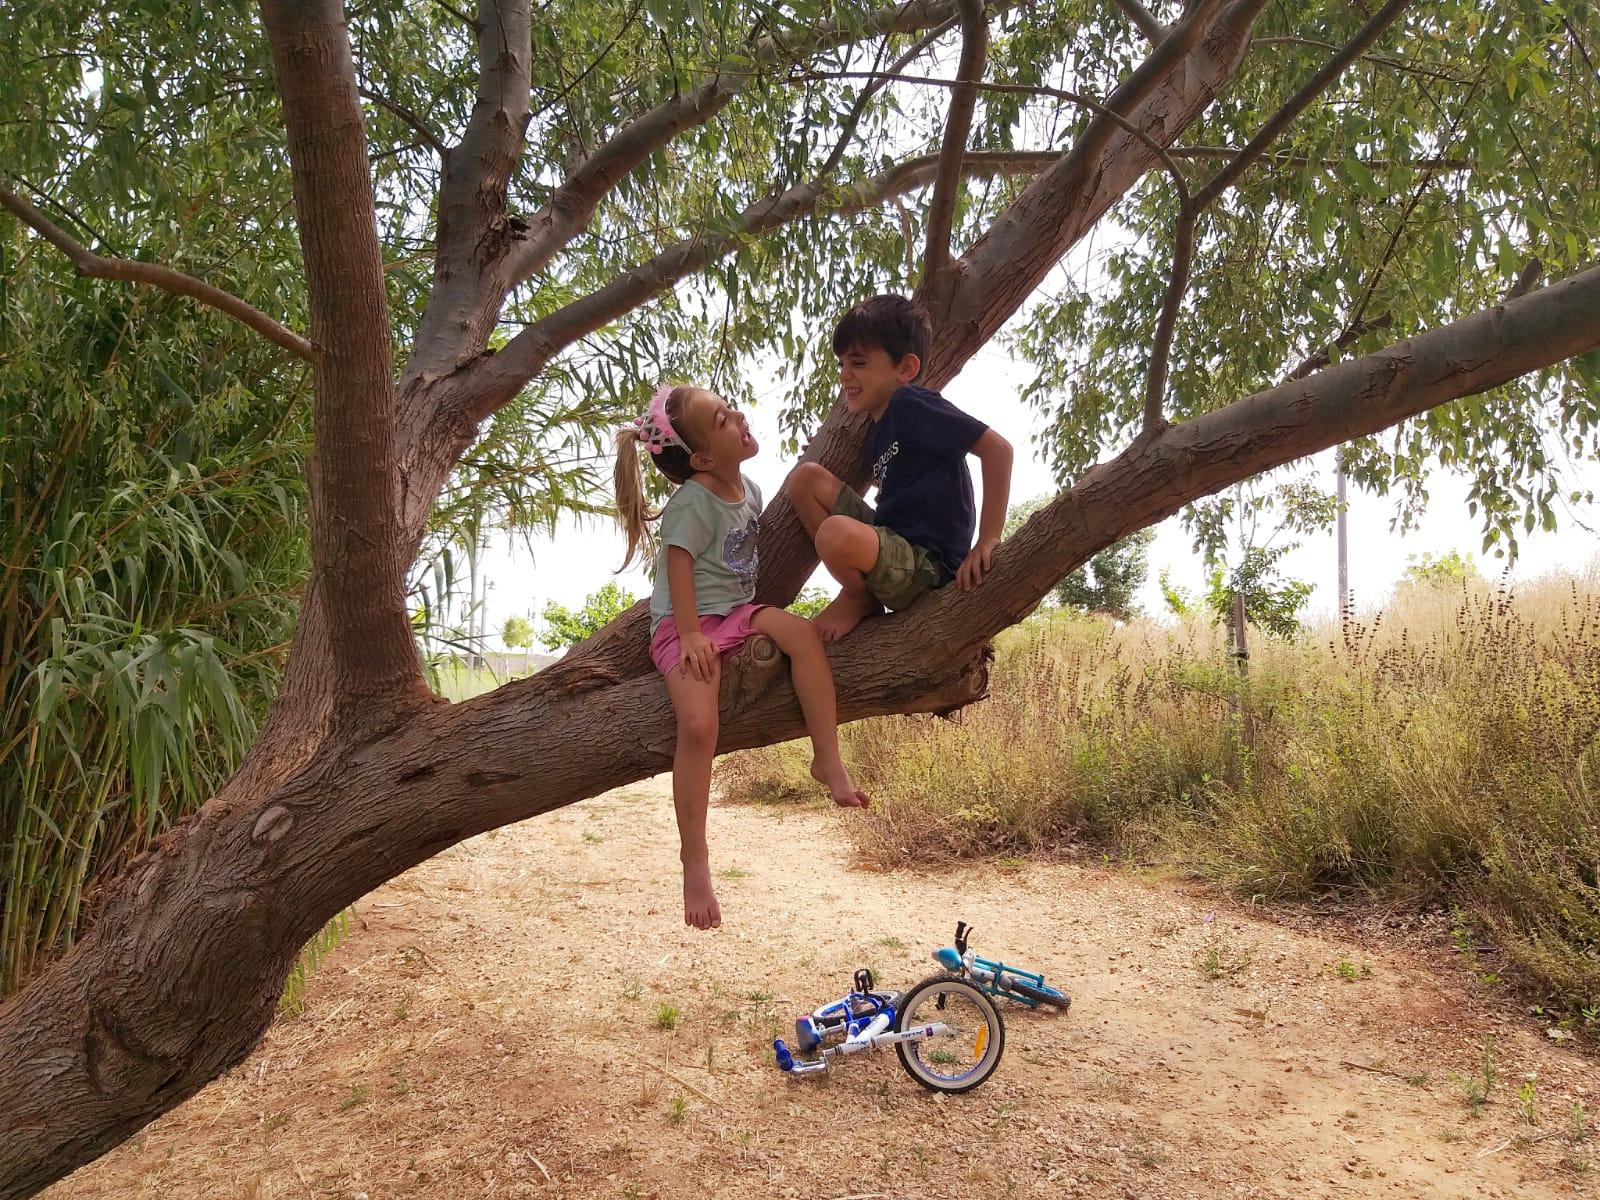 שני ילדים מטפסים על עץ, פארק הוד השרון